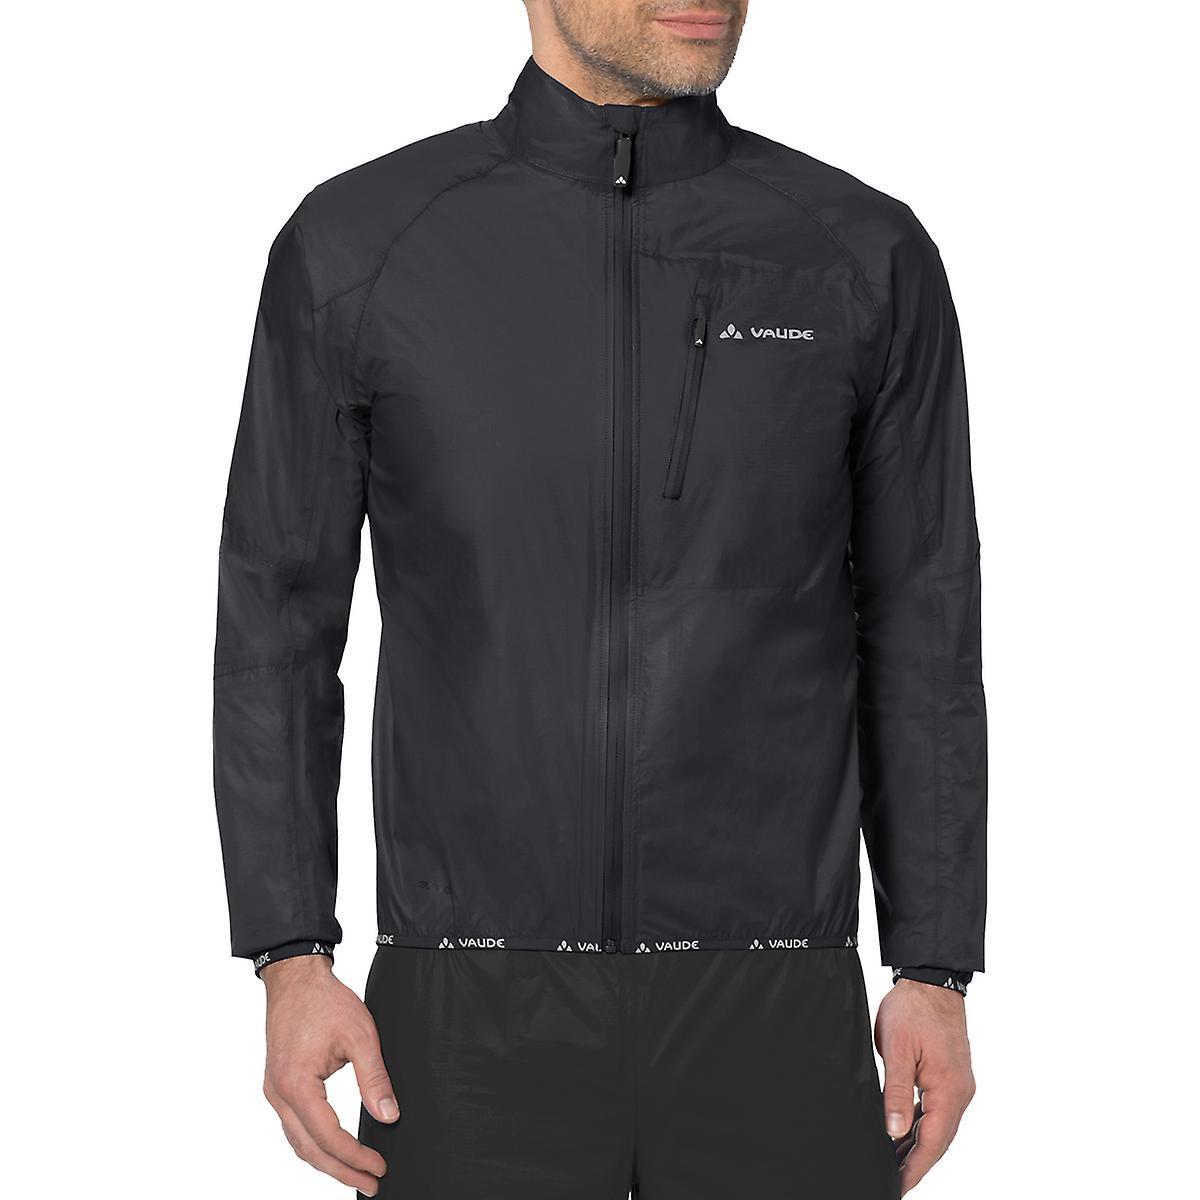 Vaude Drop Biking Rain veste III - noir